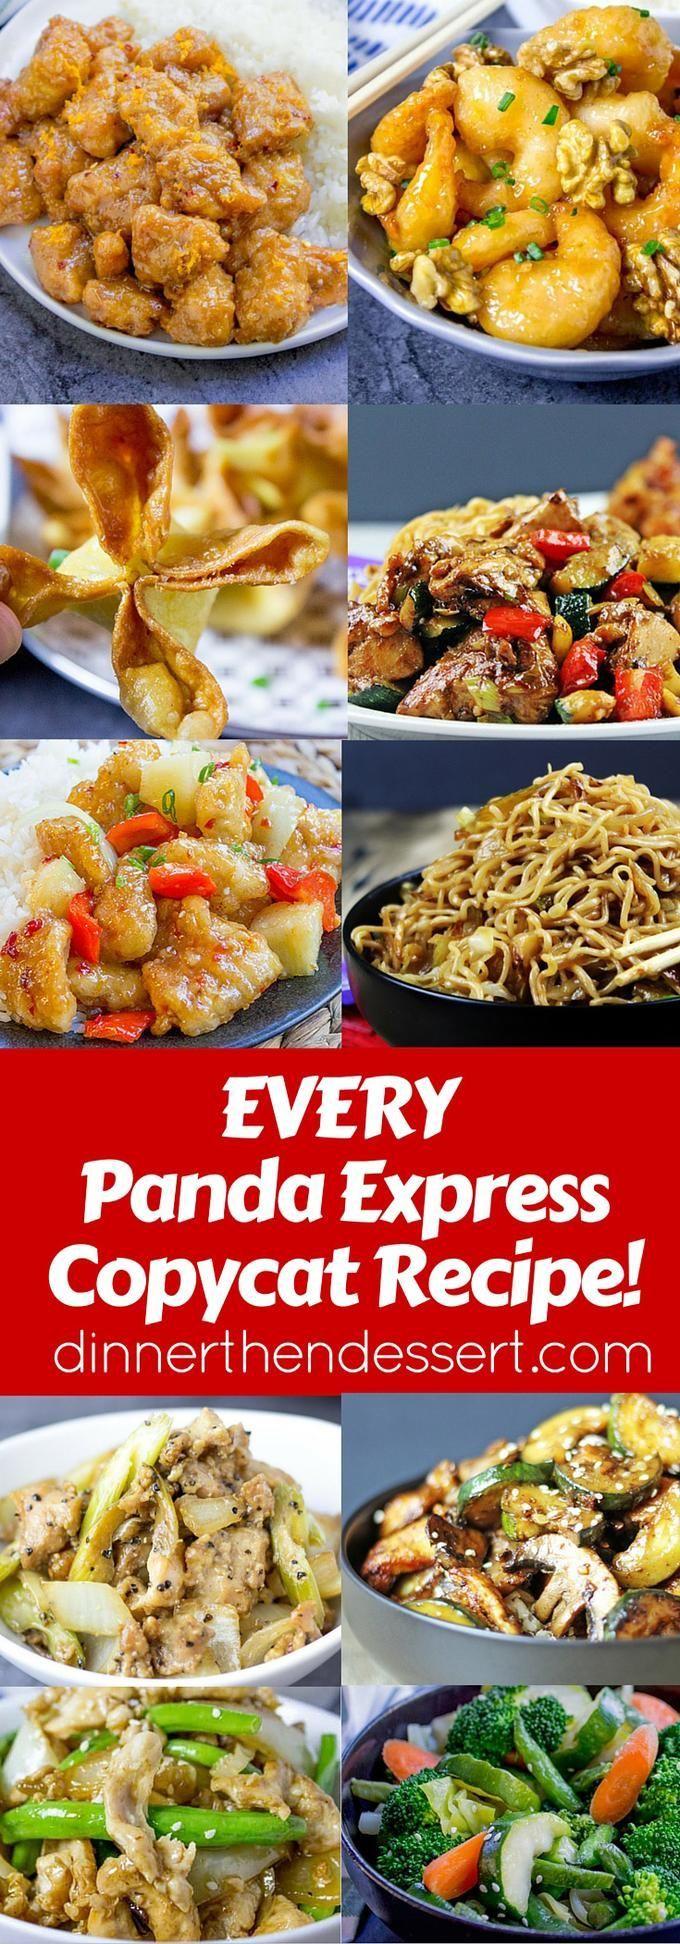 Panda Express Recipes Index Copycat Dinner Then Dessert Copykat Recipes Asian Recipes Panda Express Recipes